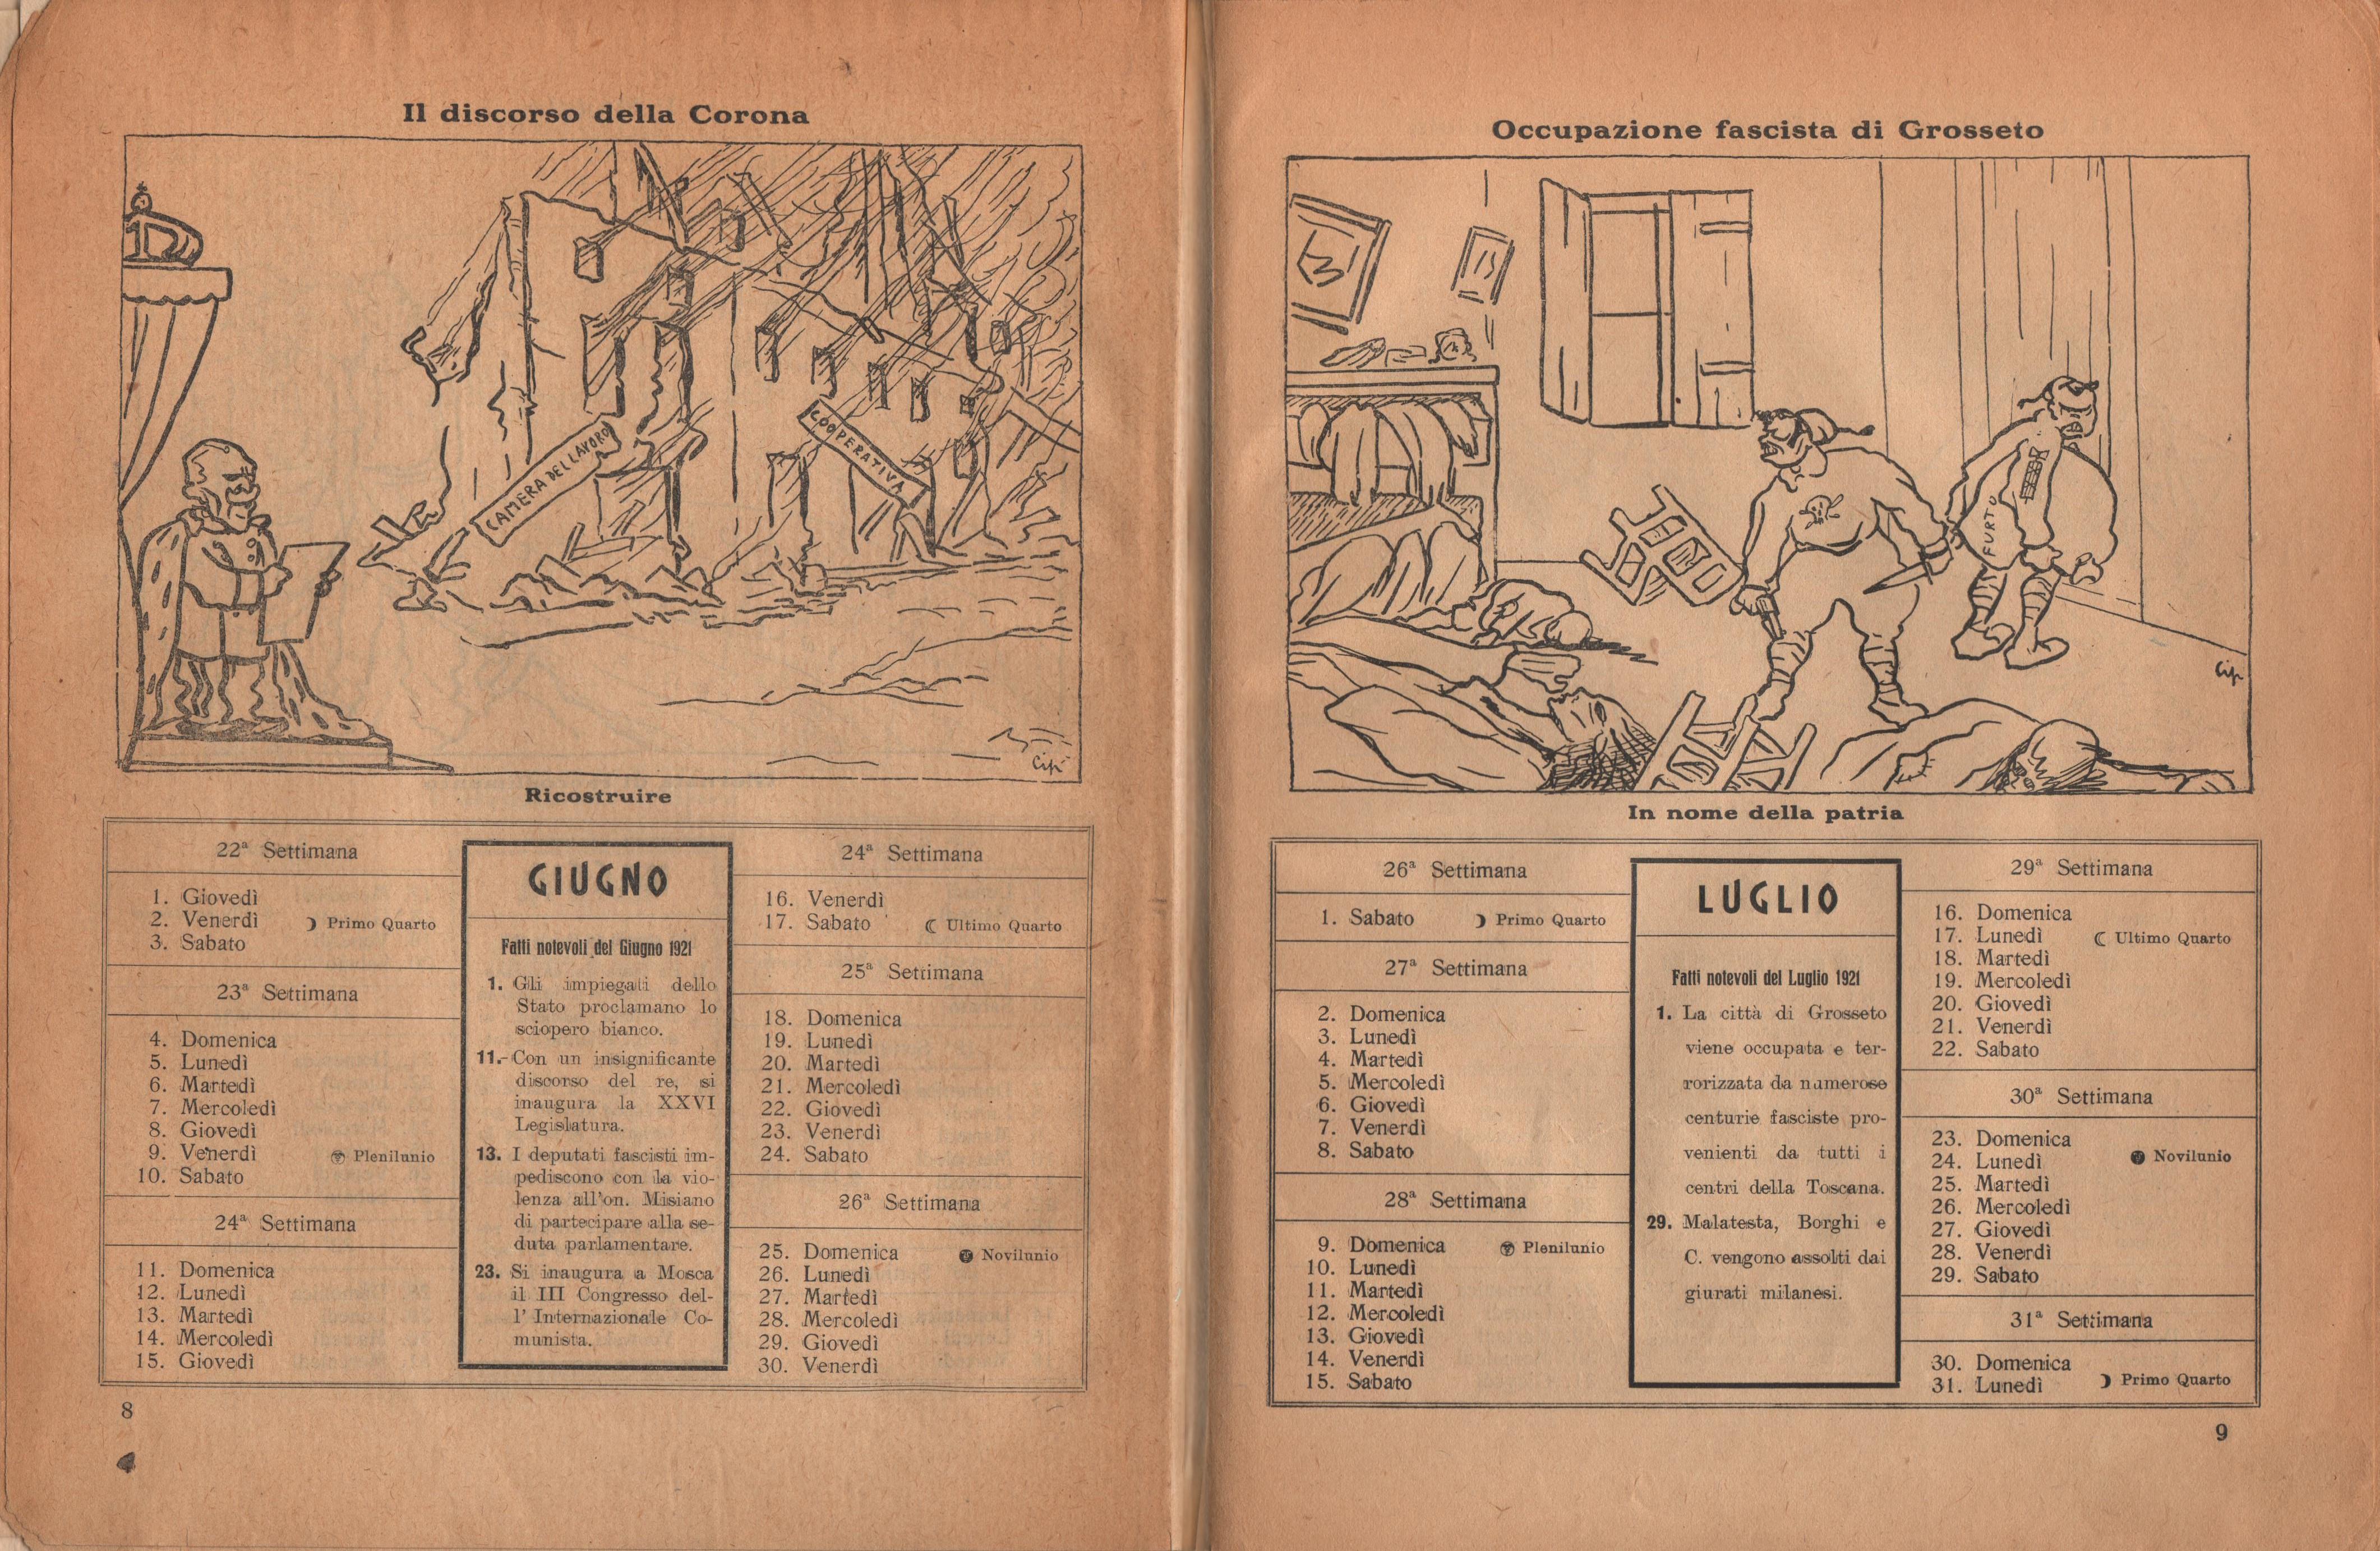 Almanacco comunista 1922 - pag. 6